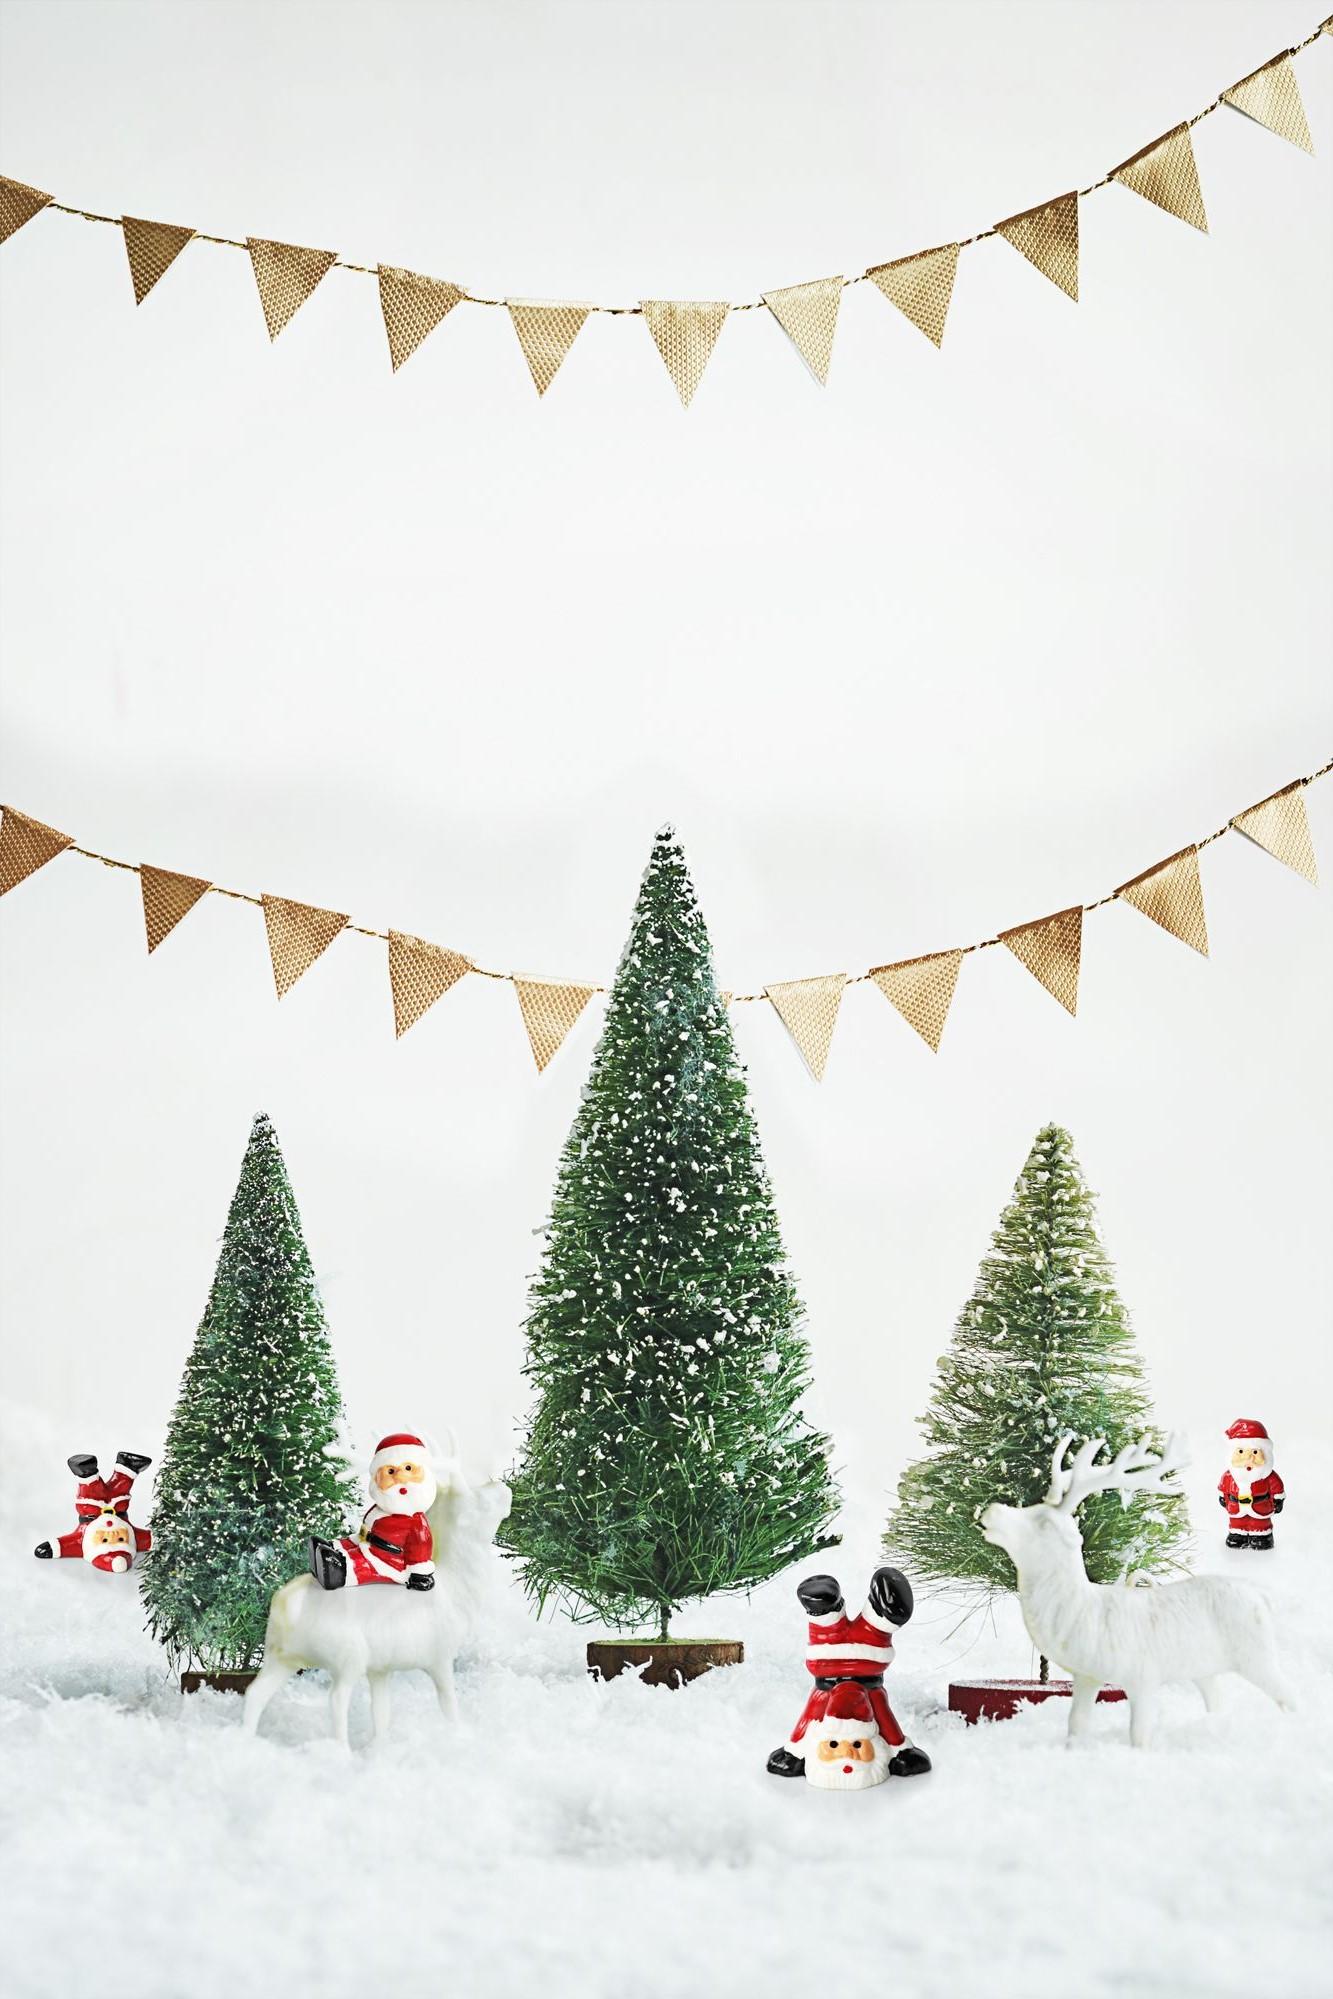 Idées de décoration de Noël créatives avec le Père Noël.